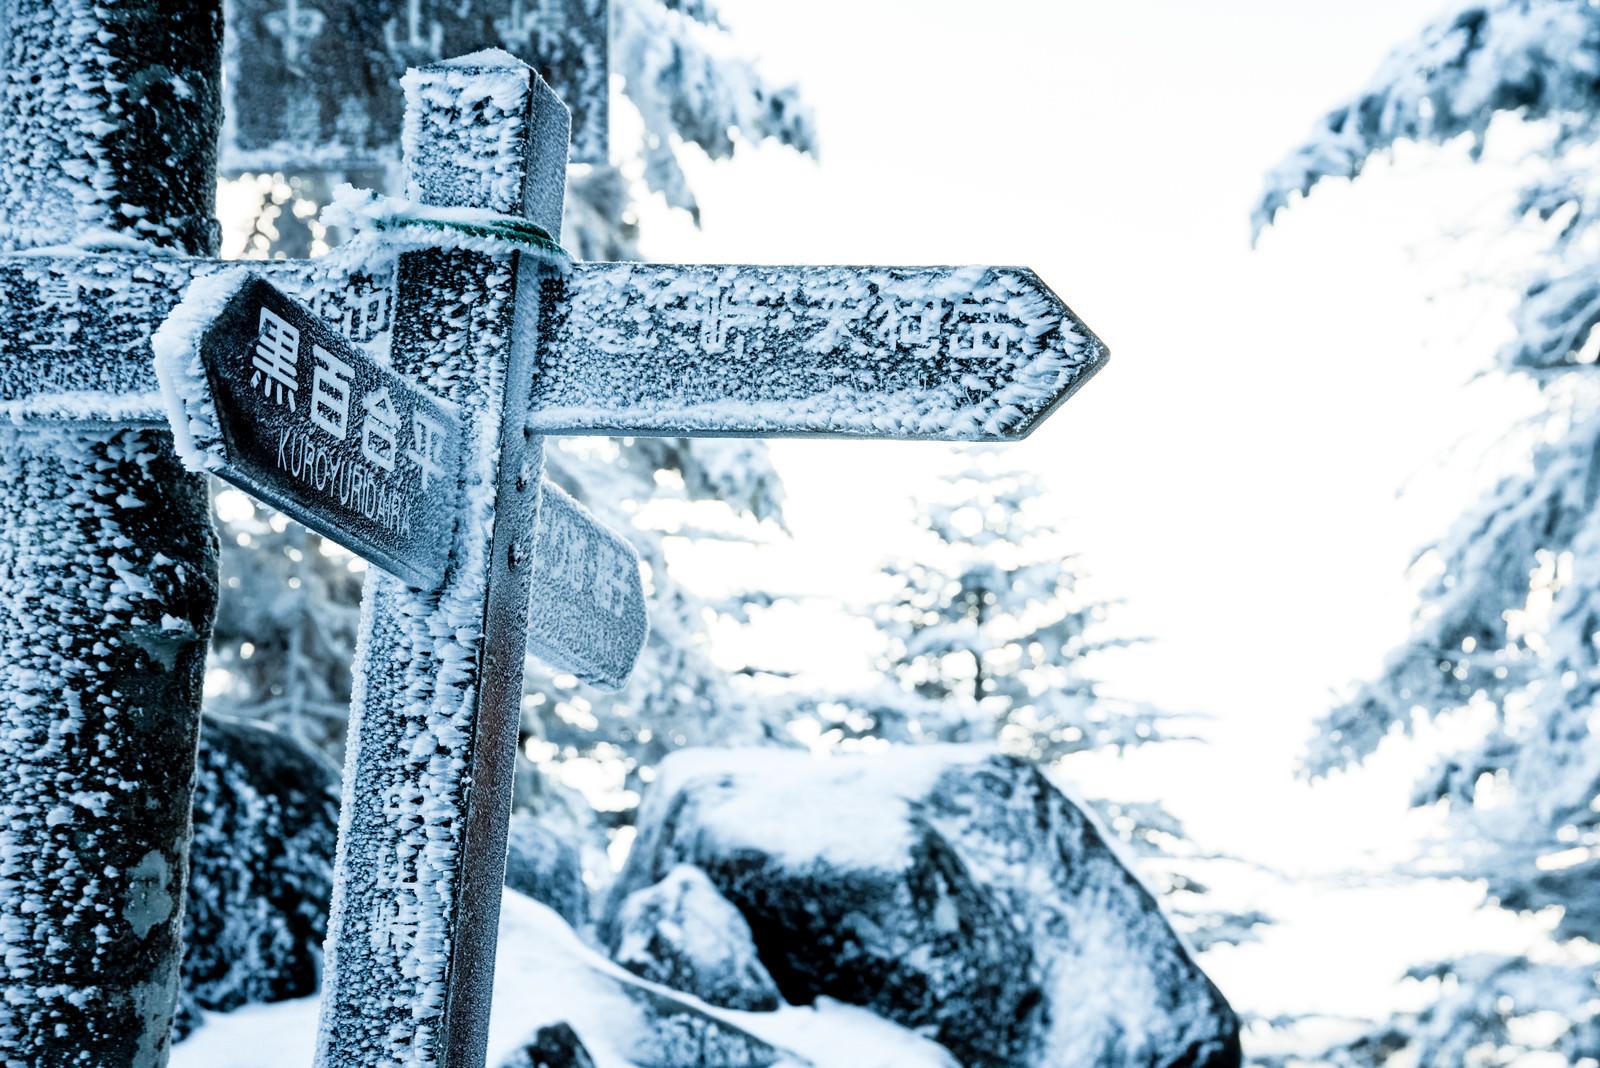 「吹雪いた雪で凍り付いた標識」の写真